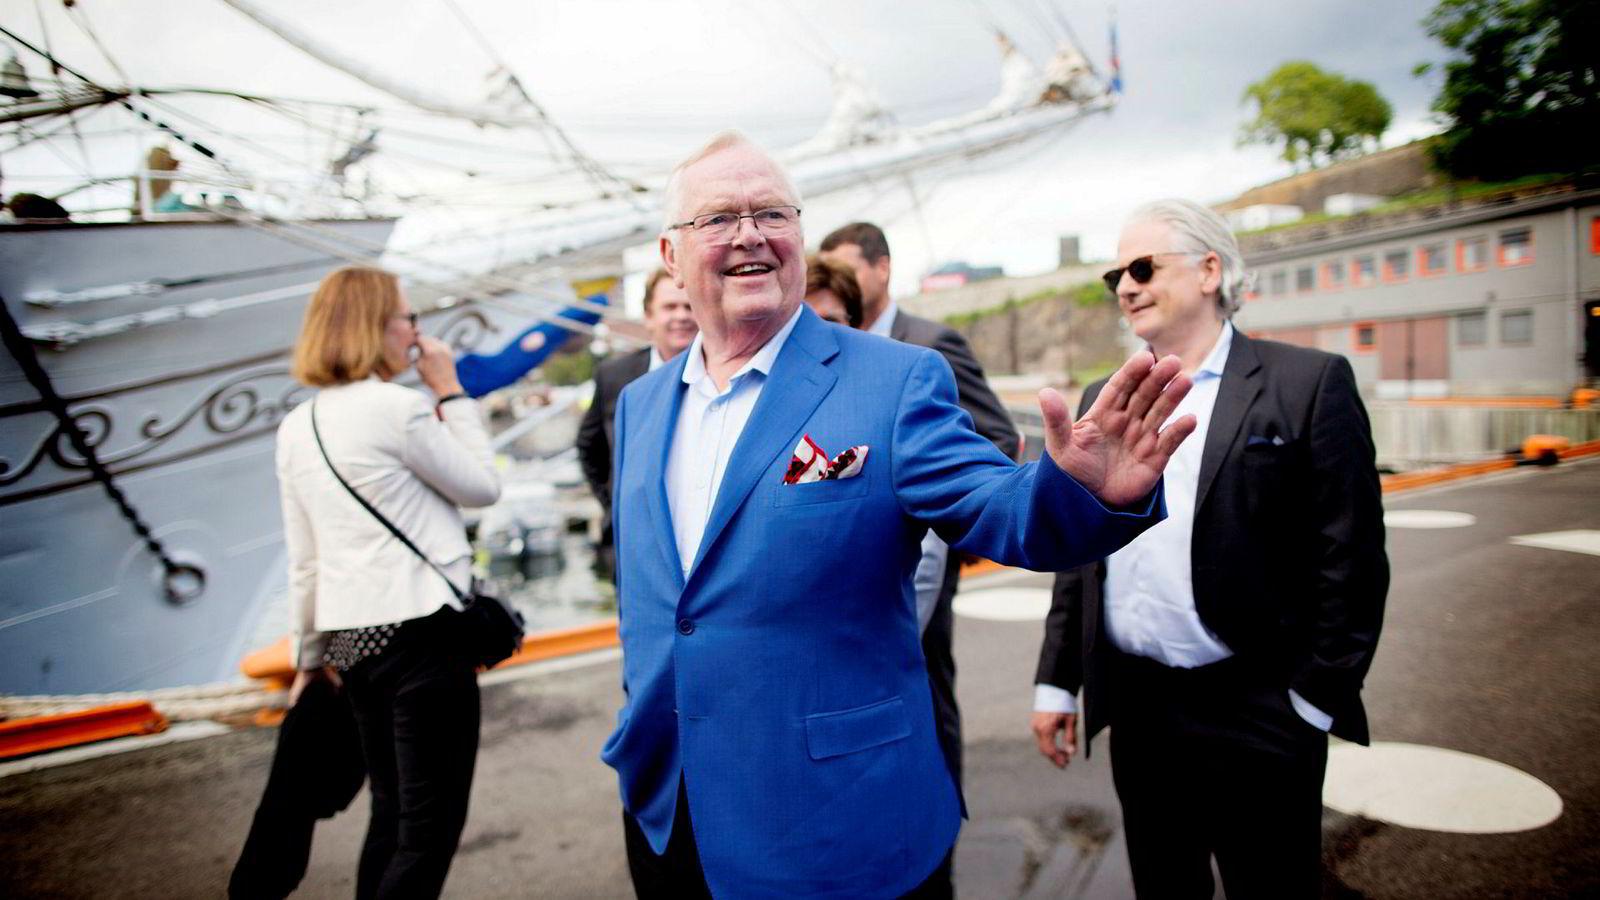 Herbjørn Hansson startet Nordic American Tankers i 1995. Han sitter i dag som både styreleder og konsernsjef i selskapet, og er blant rederiets største aksjonærer.